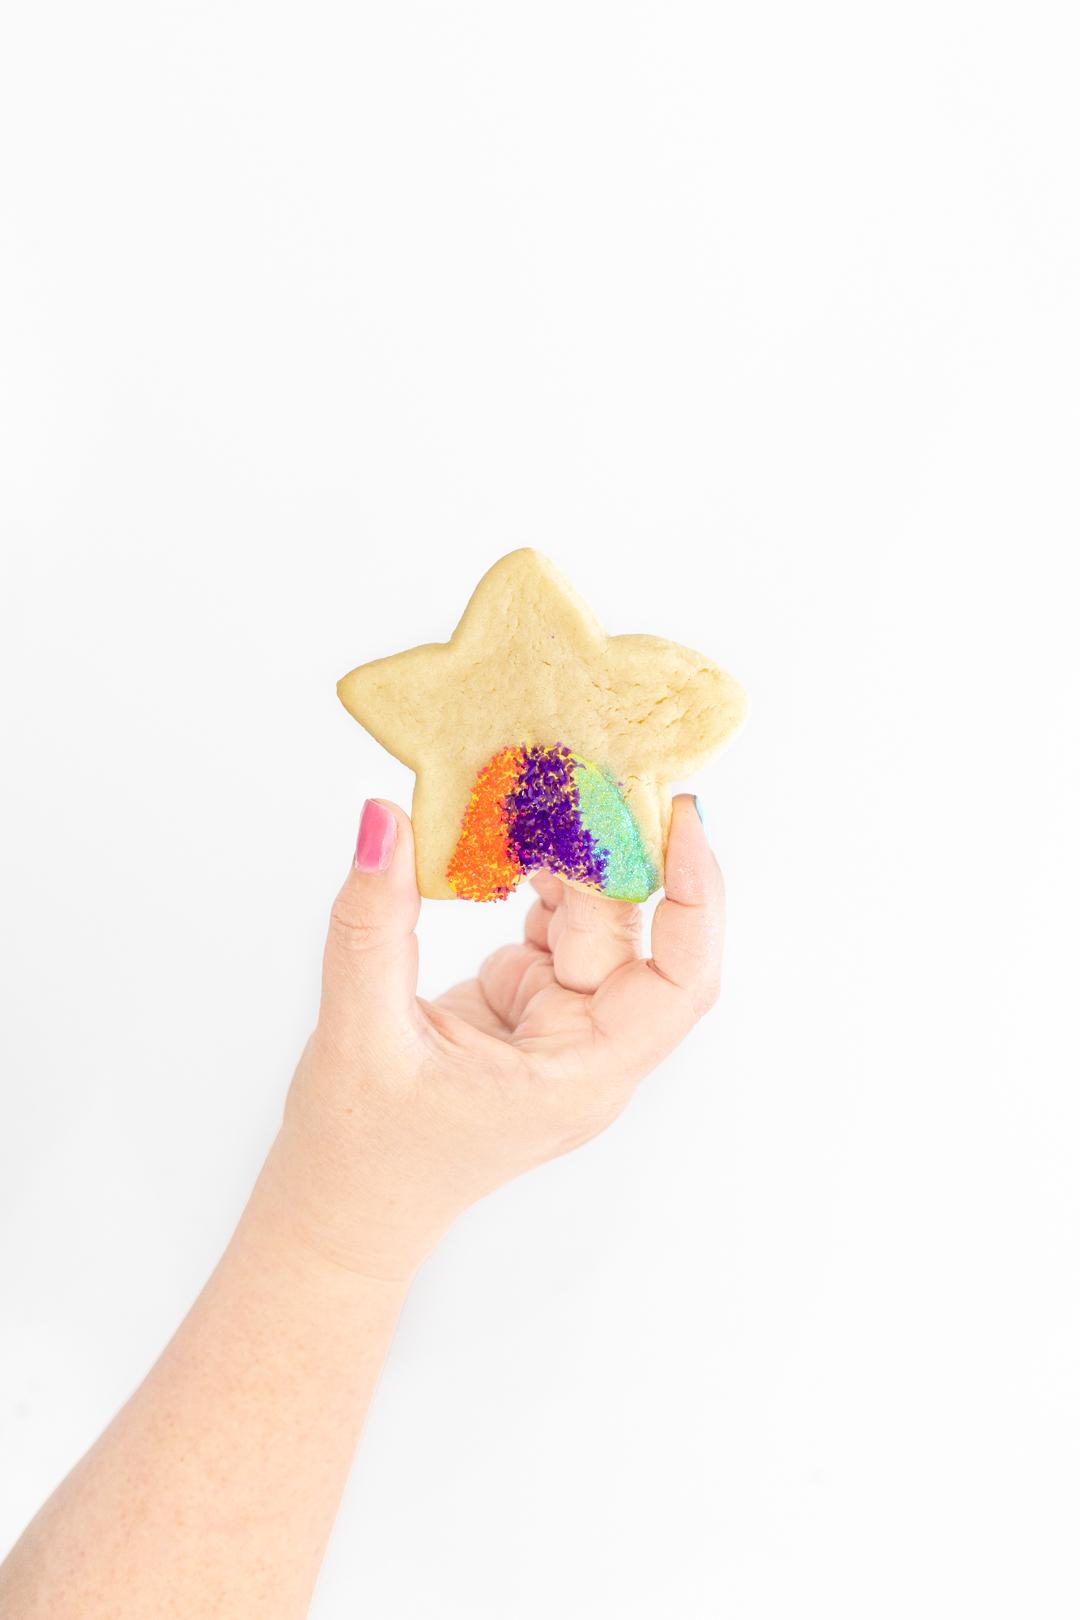 Star sugar cookie with sprinkles